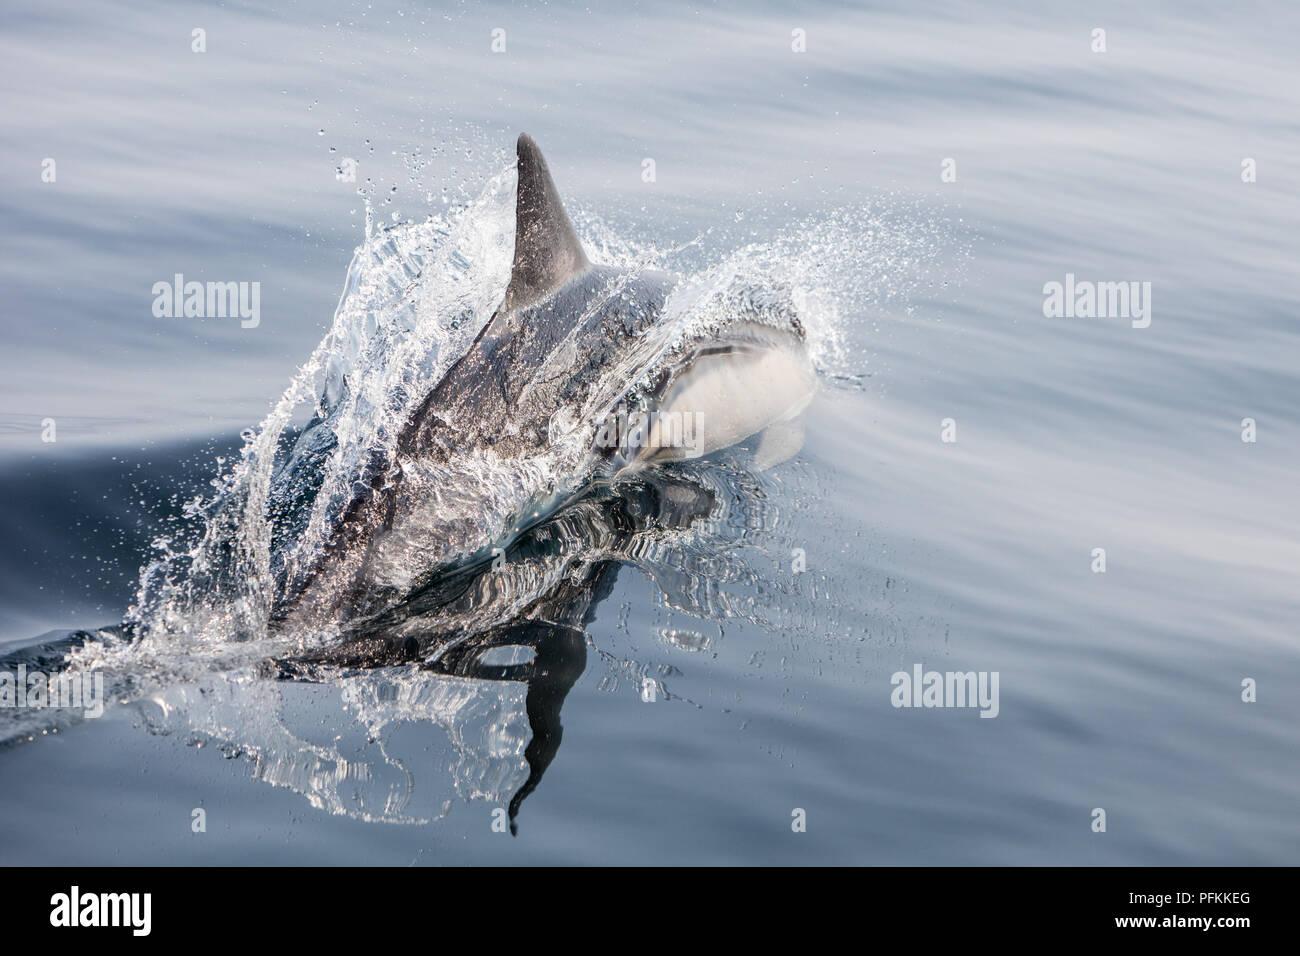 Un Short-Beaked agile dauphin commun, Delphinus delphis, nage dans l'océan Atlantique Nord au large de Cape Cod, au Massachusetts. Photo Stock